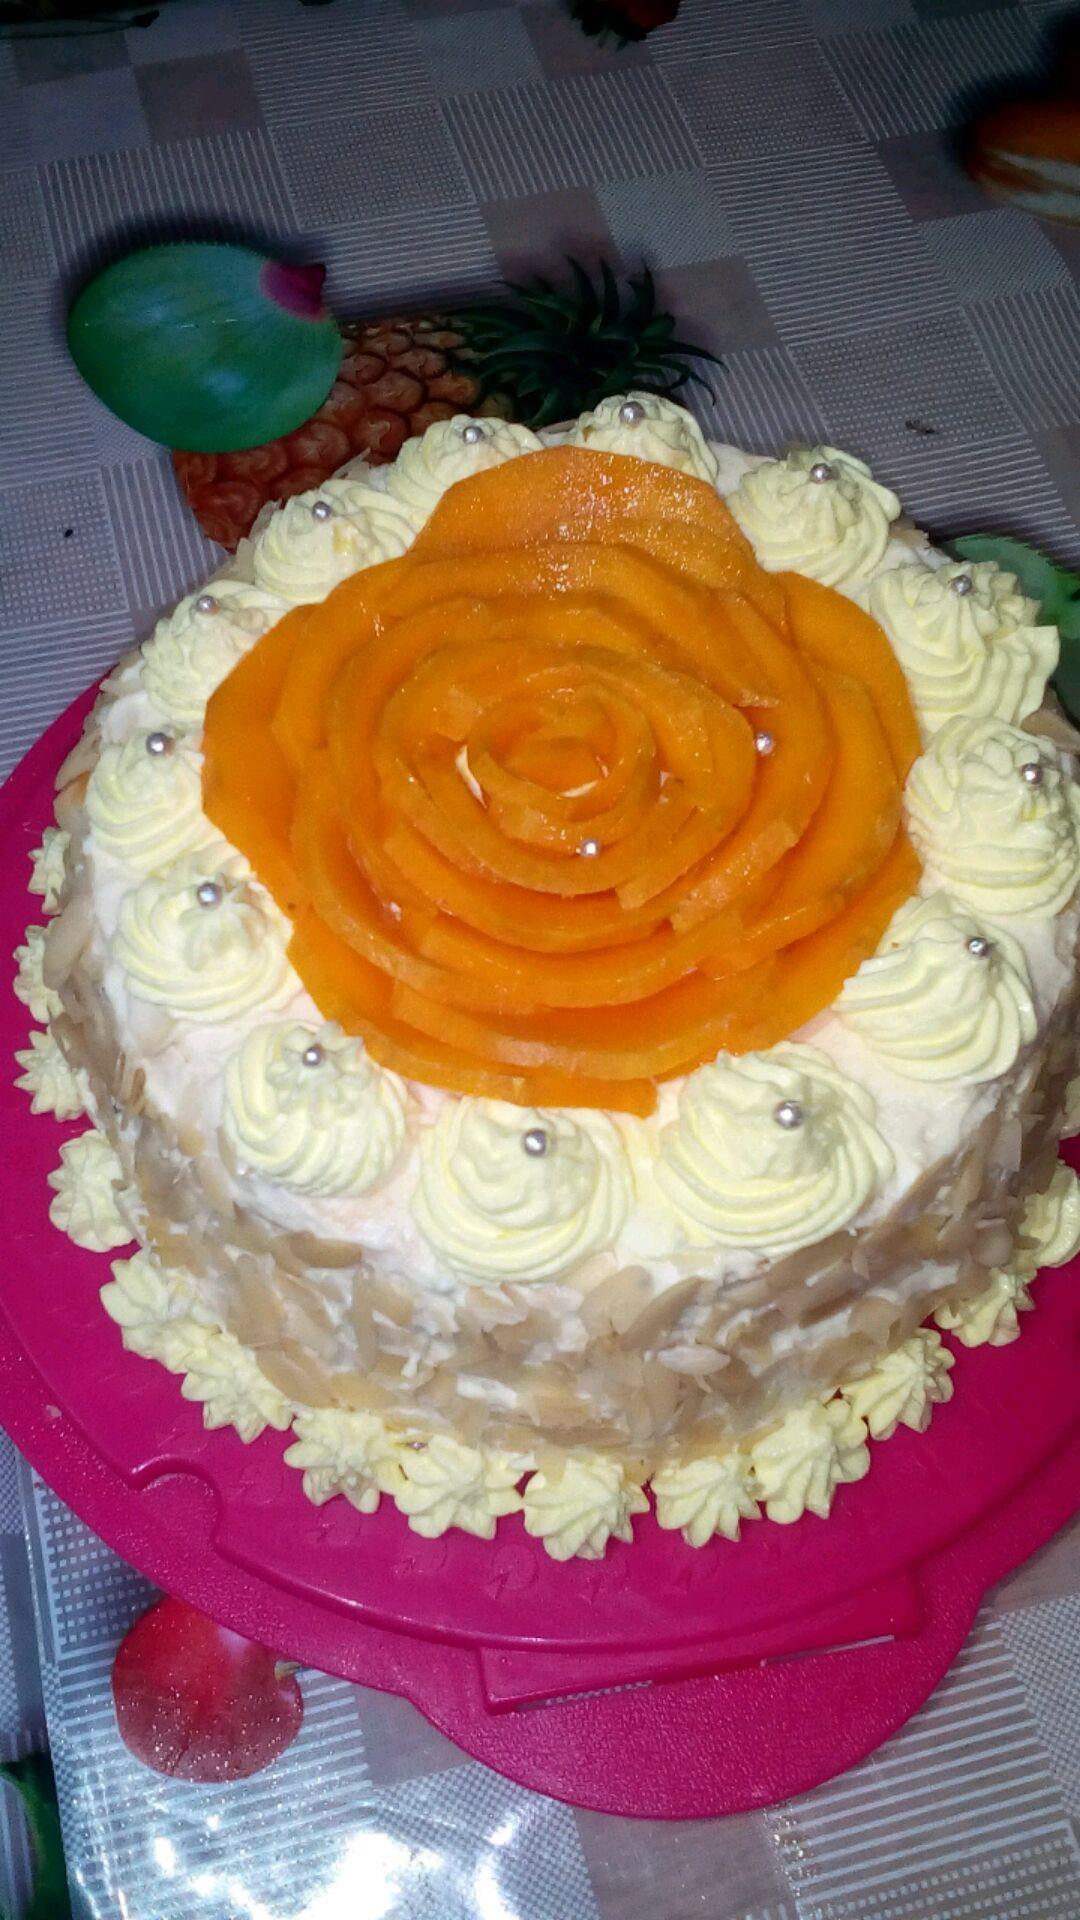 芒果生日蛋糕的做法图解2